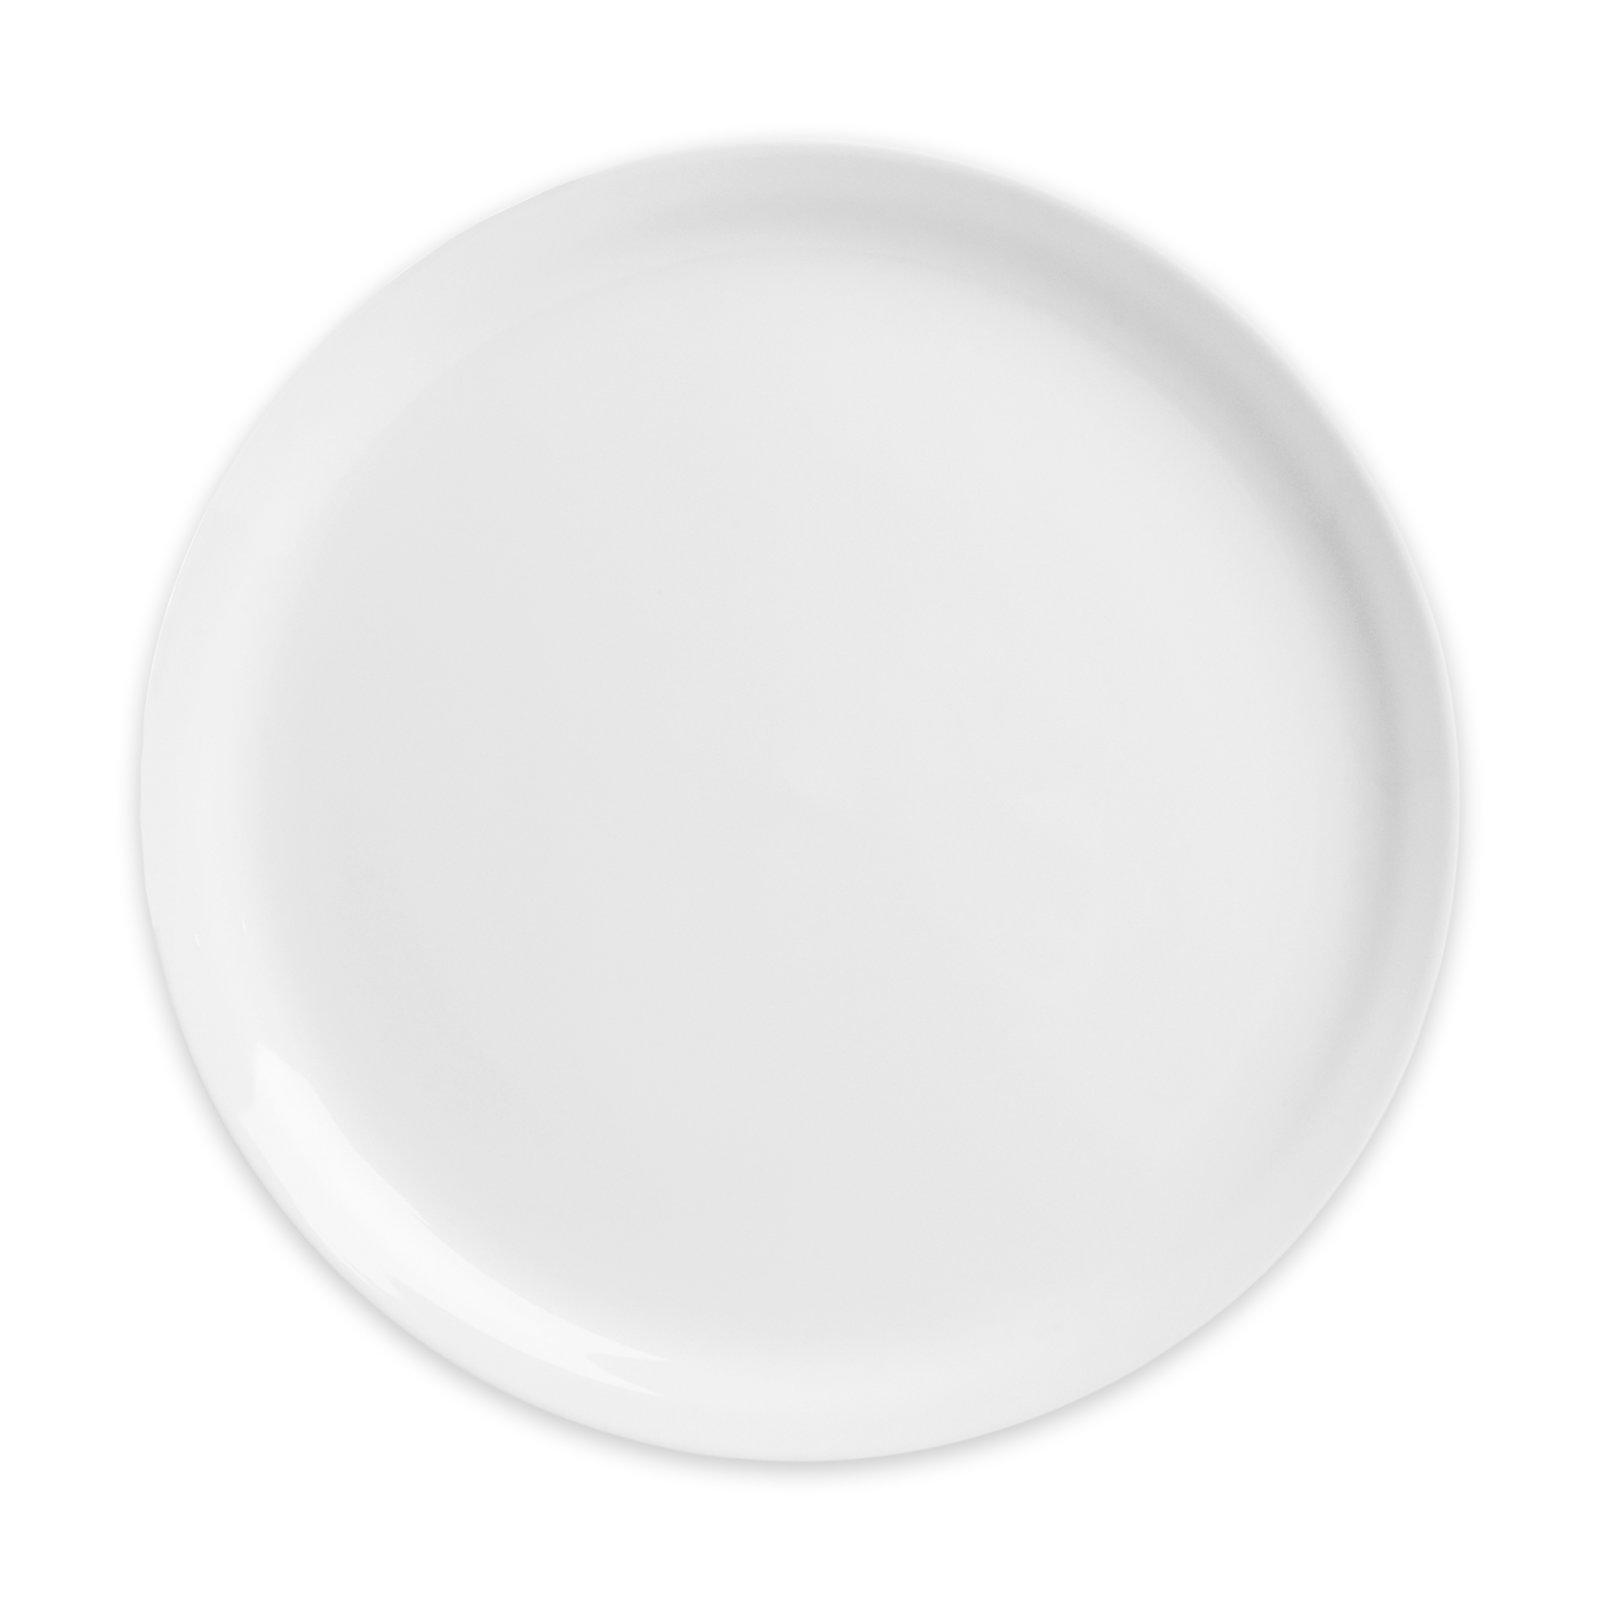 Pizzateller MOLTO BENE - weiß - Porzellan - Ø 30,5 cm